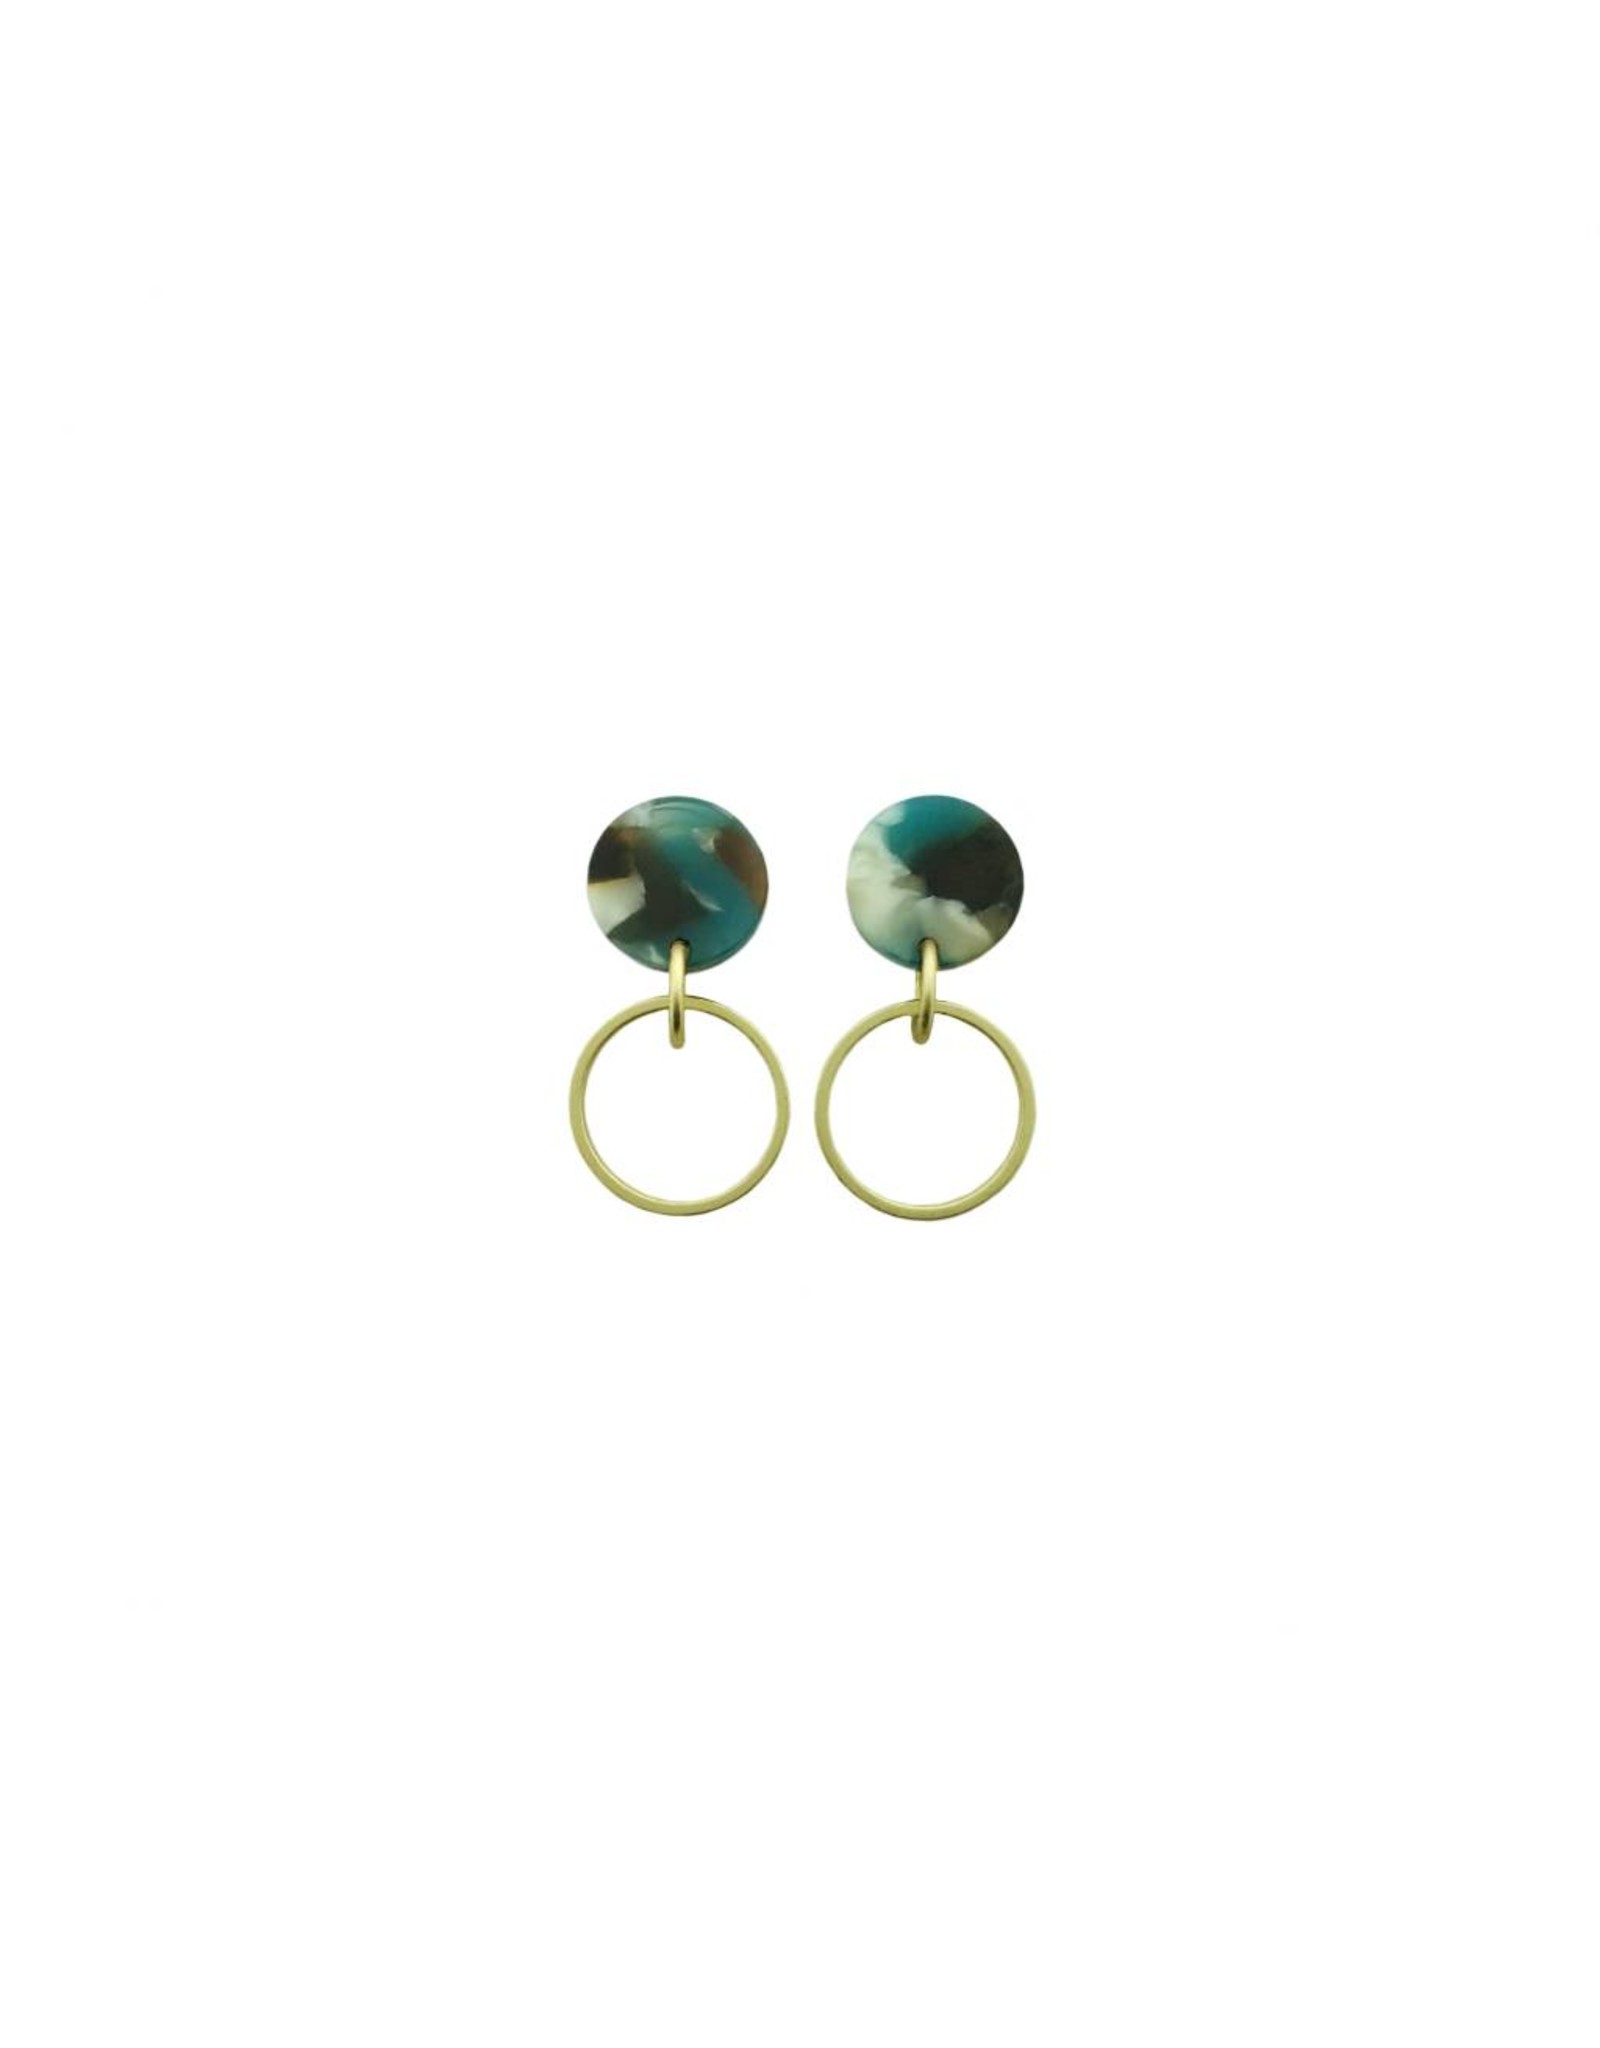 oorbEllen acryl 12mm turquoise open cirkel